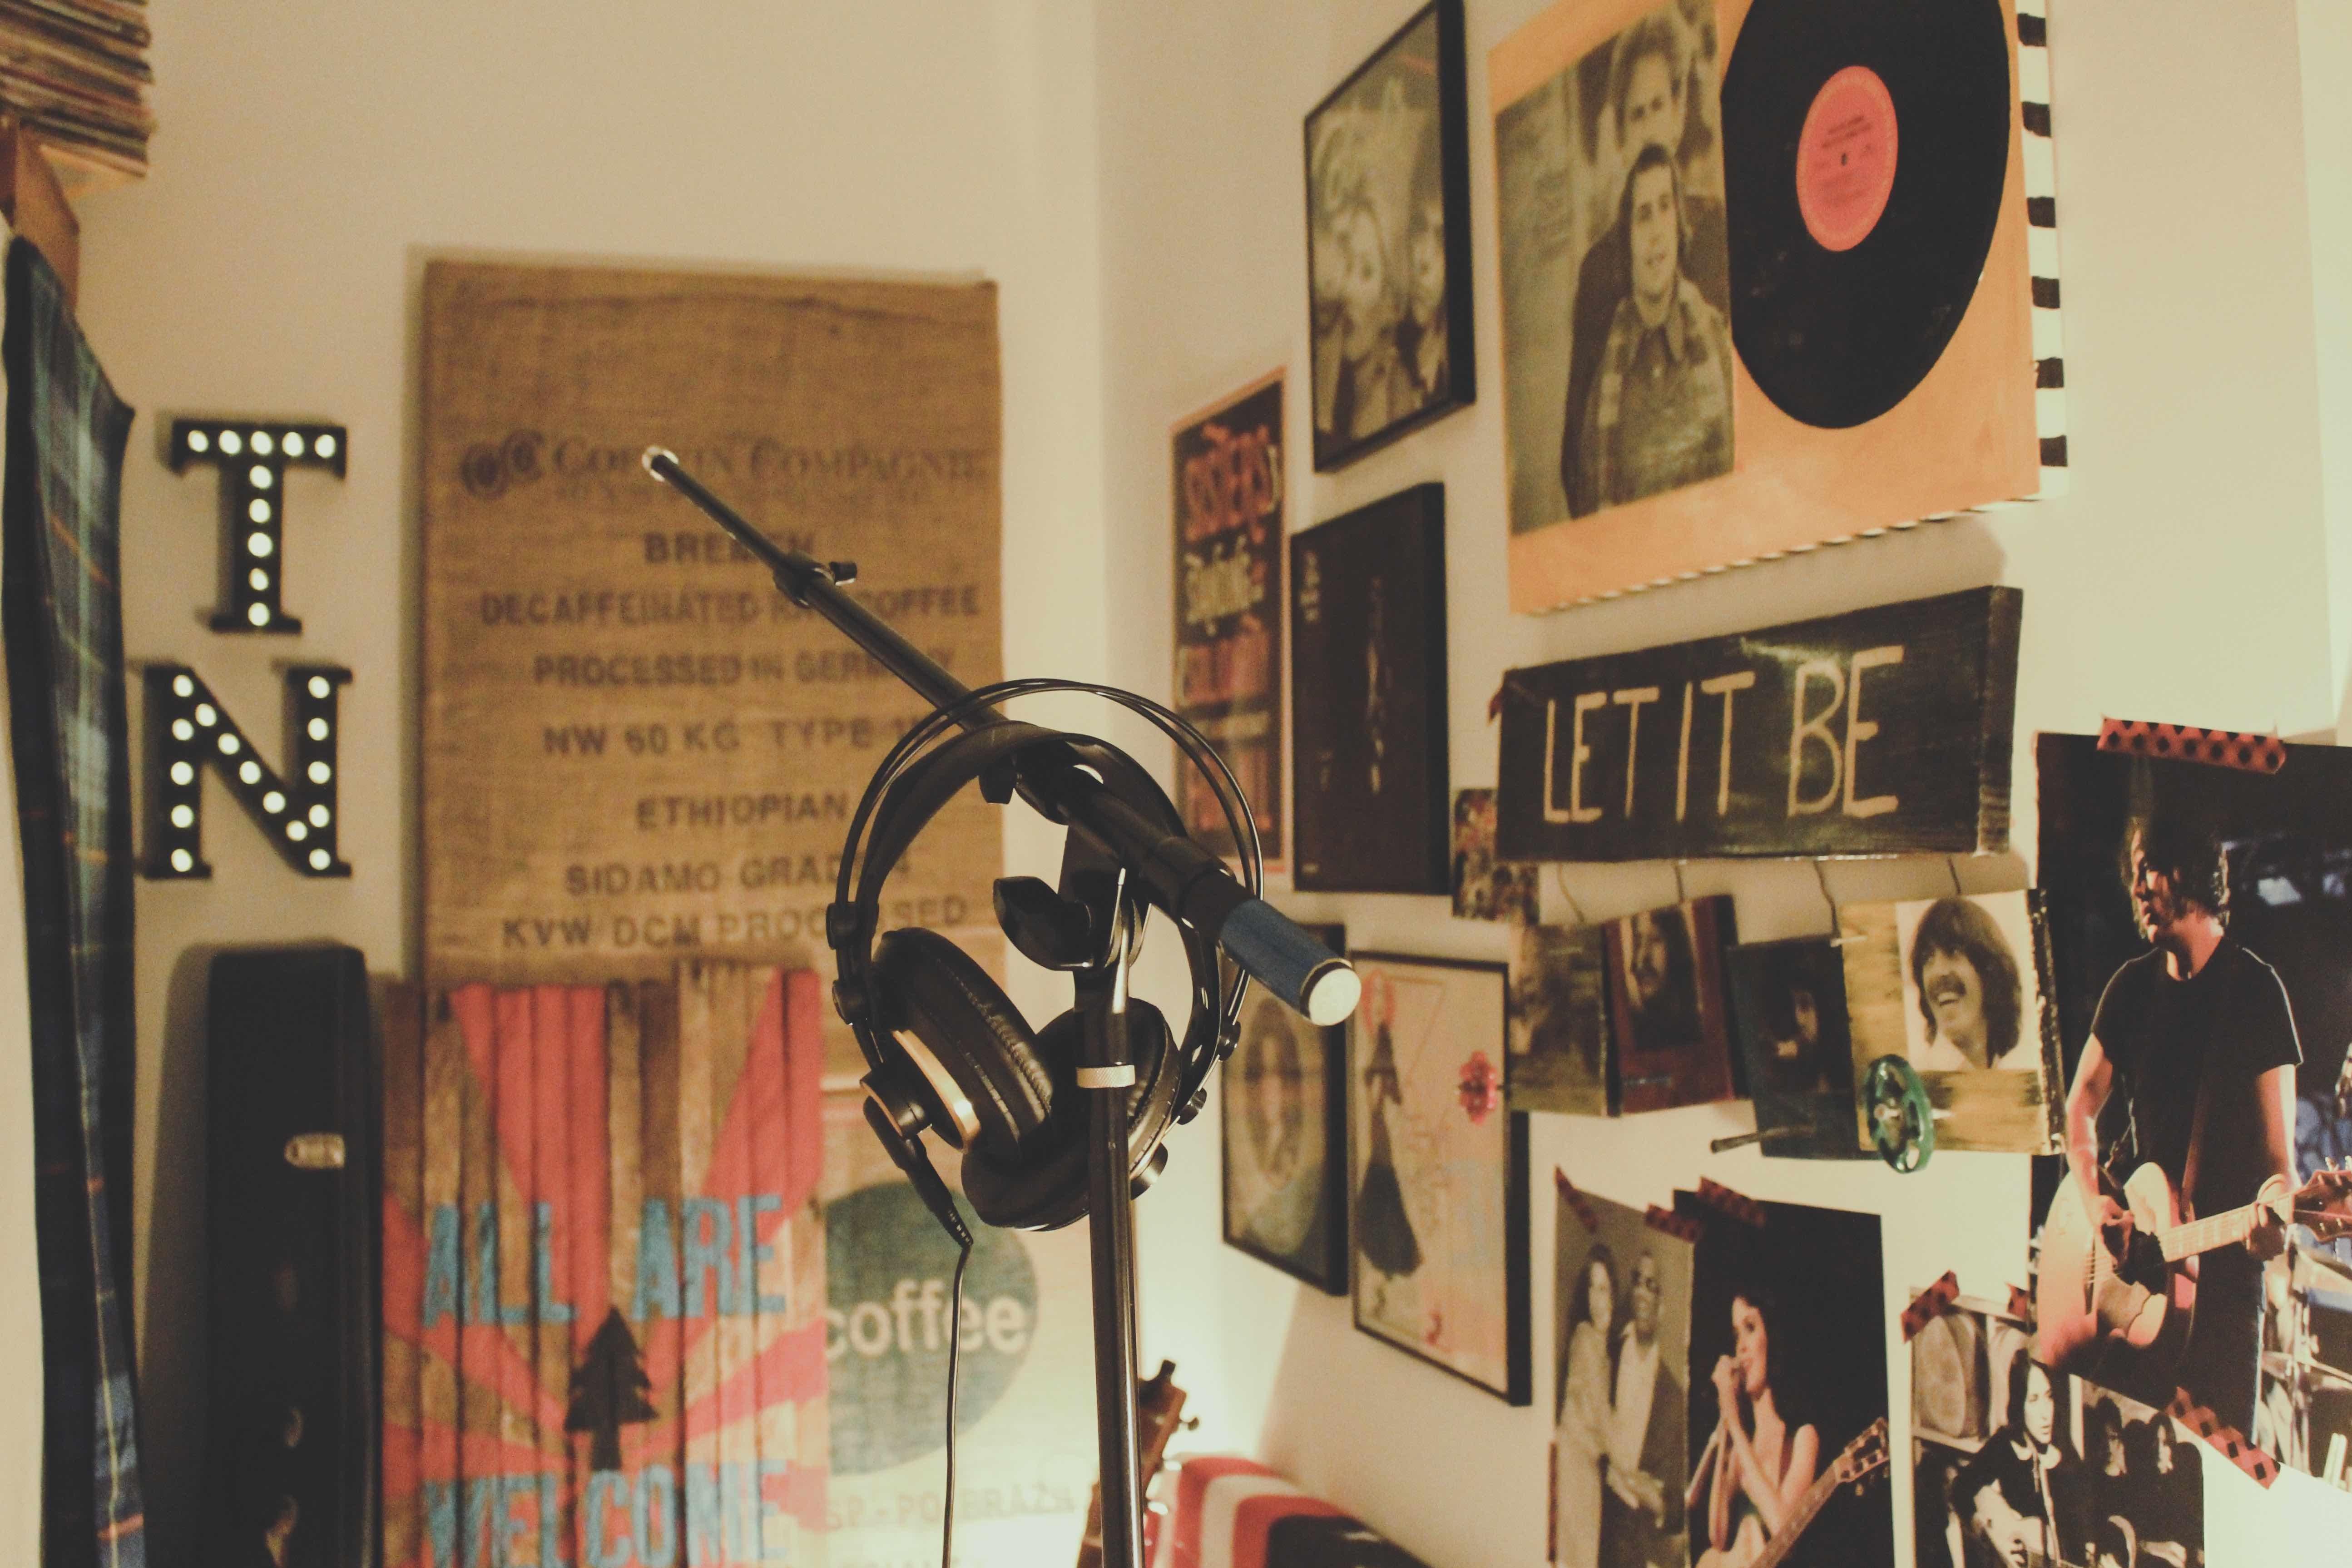 recording equiptment